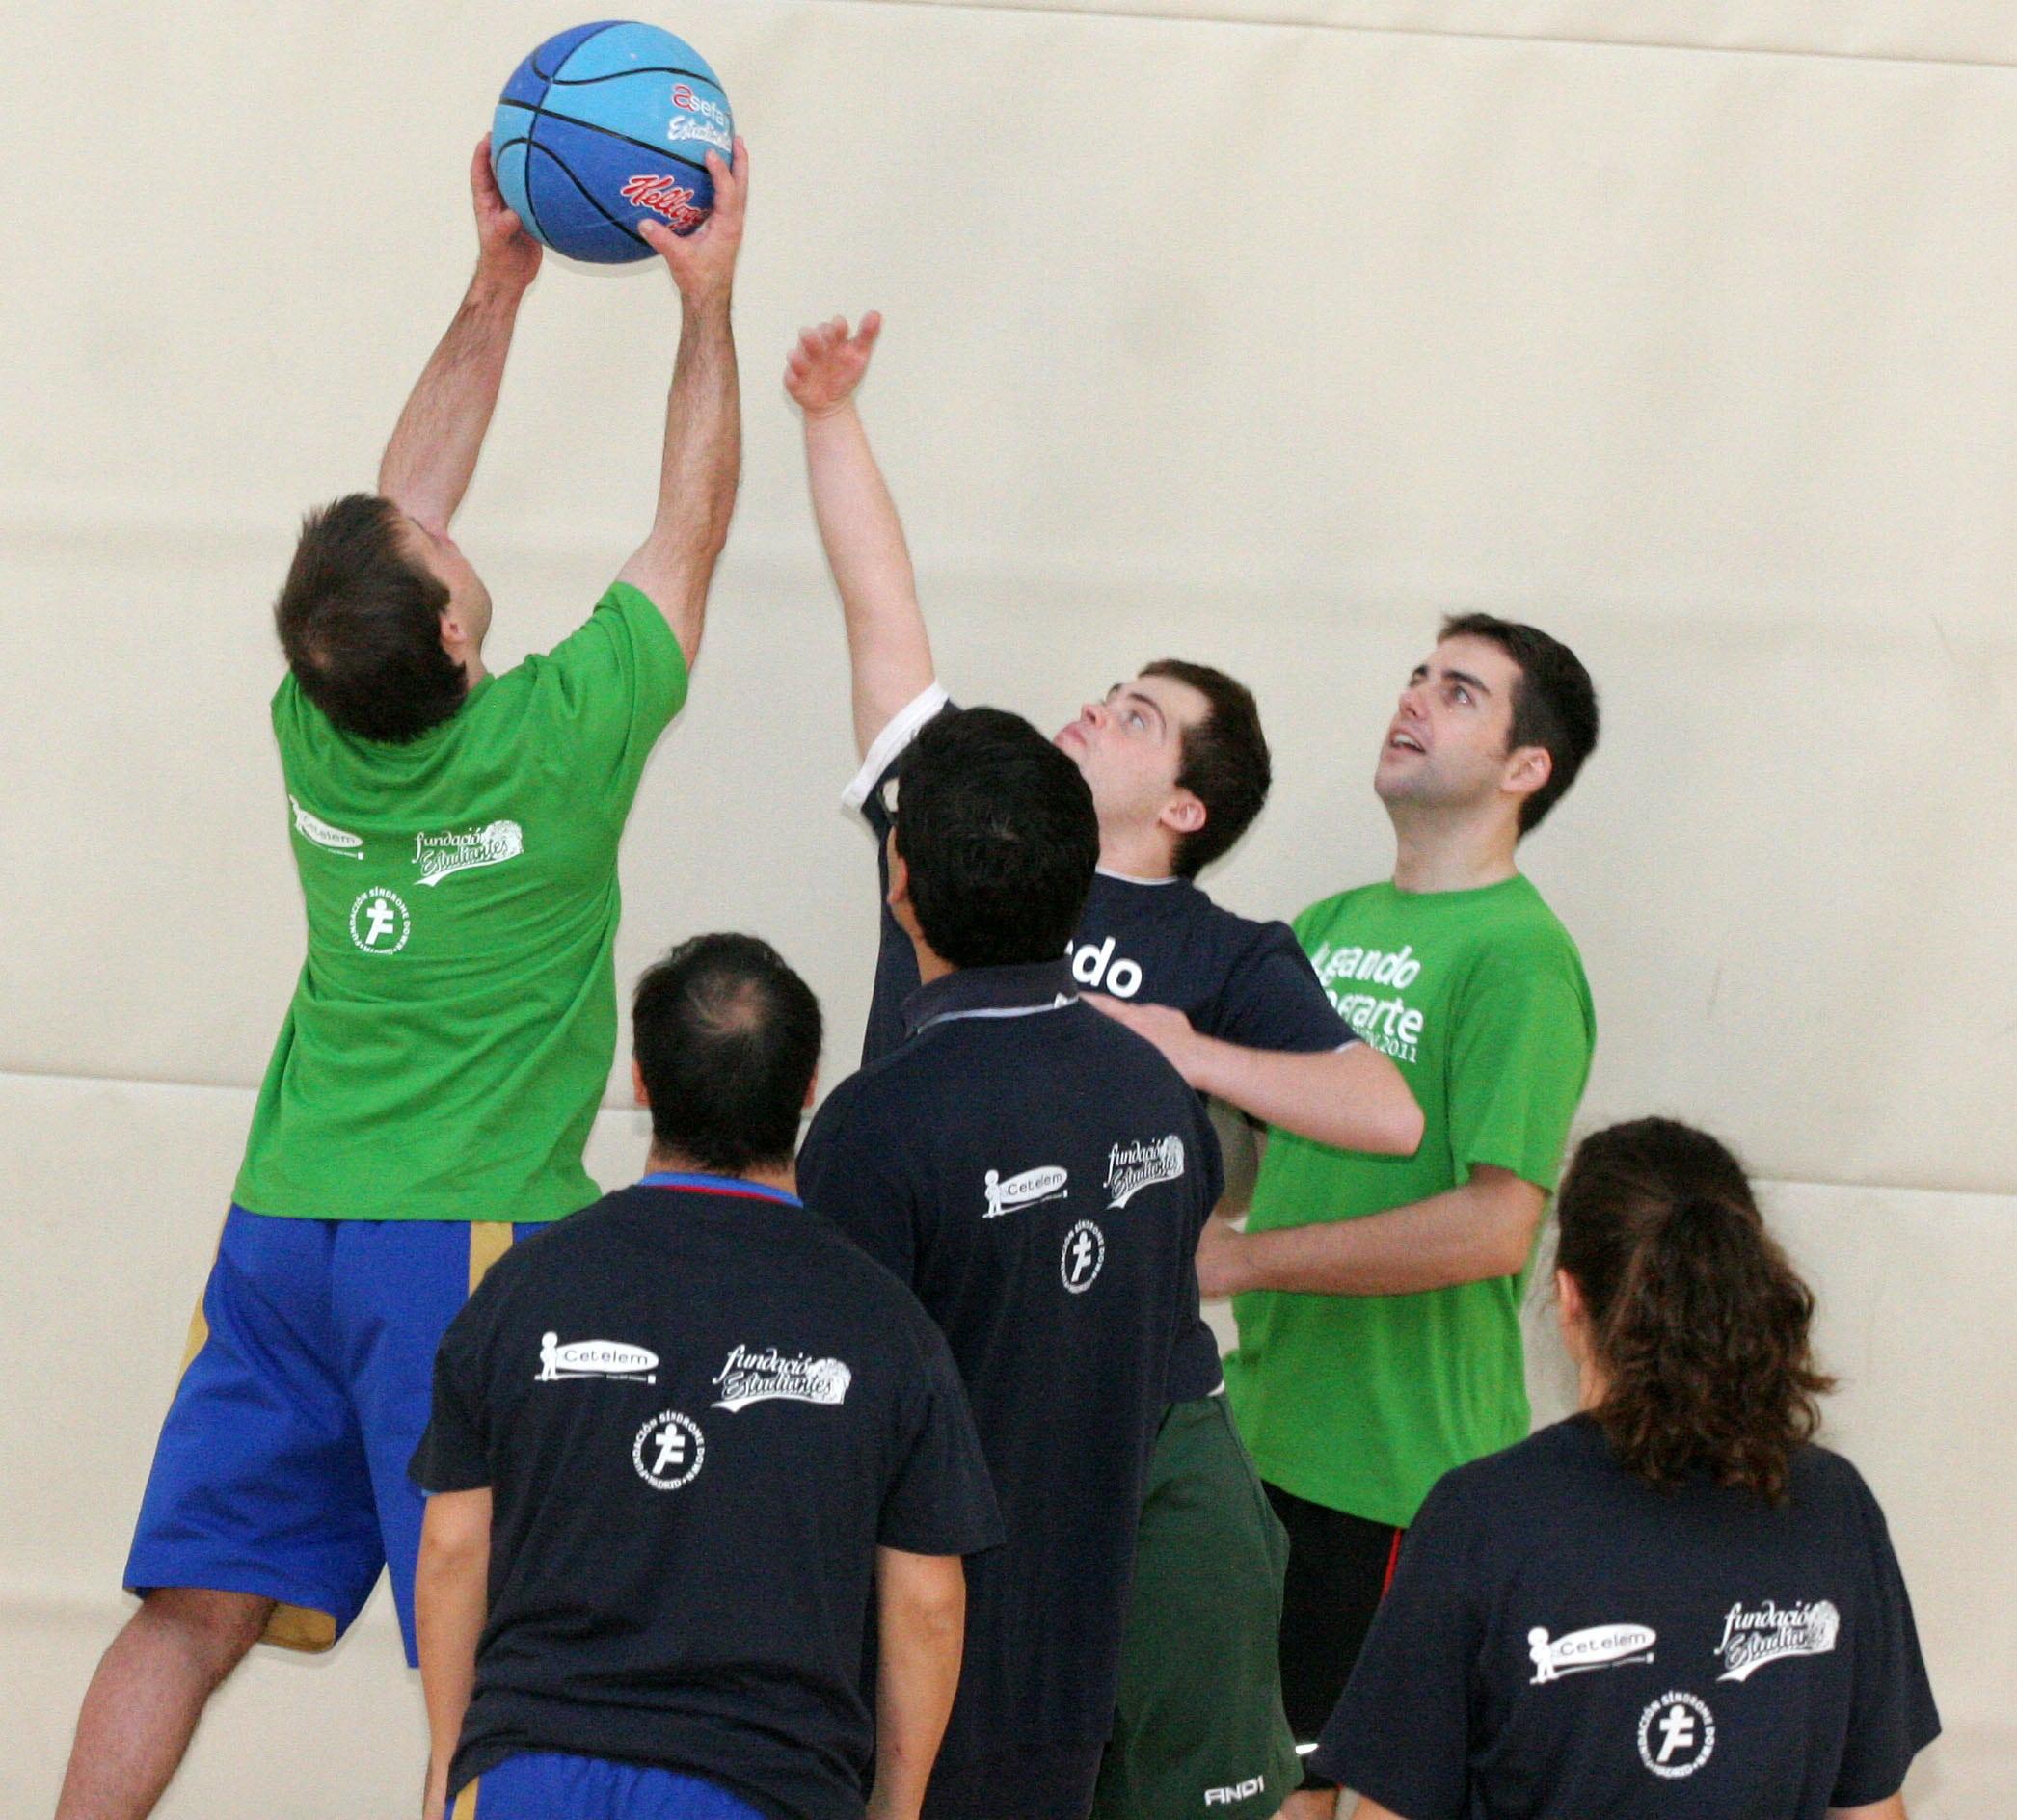 FOTOS: Jugando a superarse con Fundación Estudiantes, Fundación Síndrome de Down de Madrid  y Cetelem